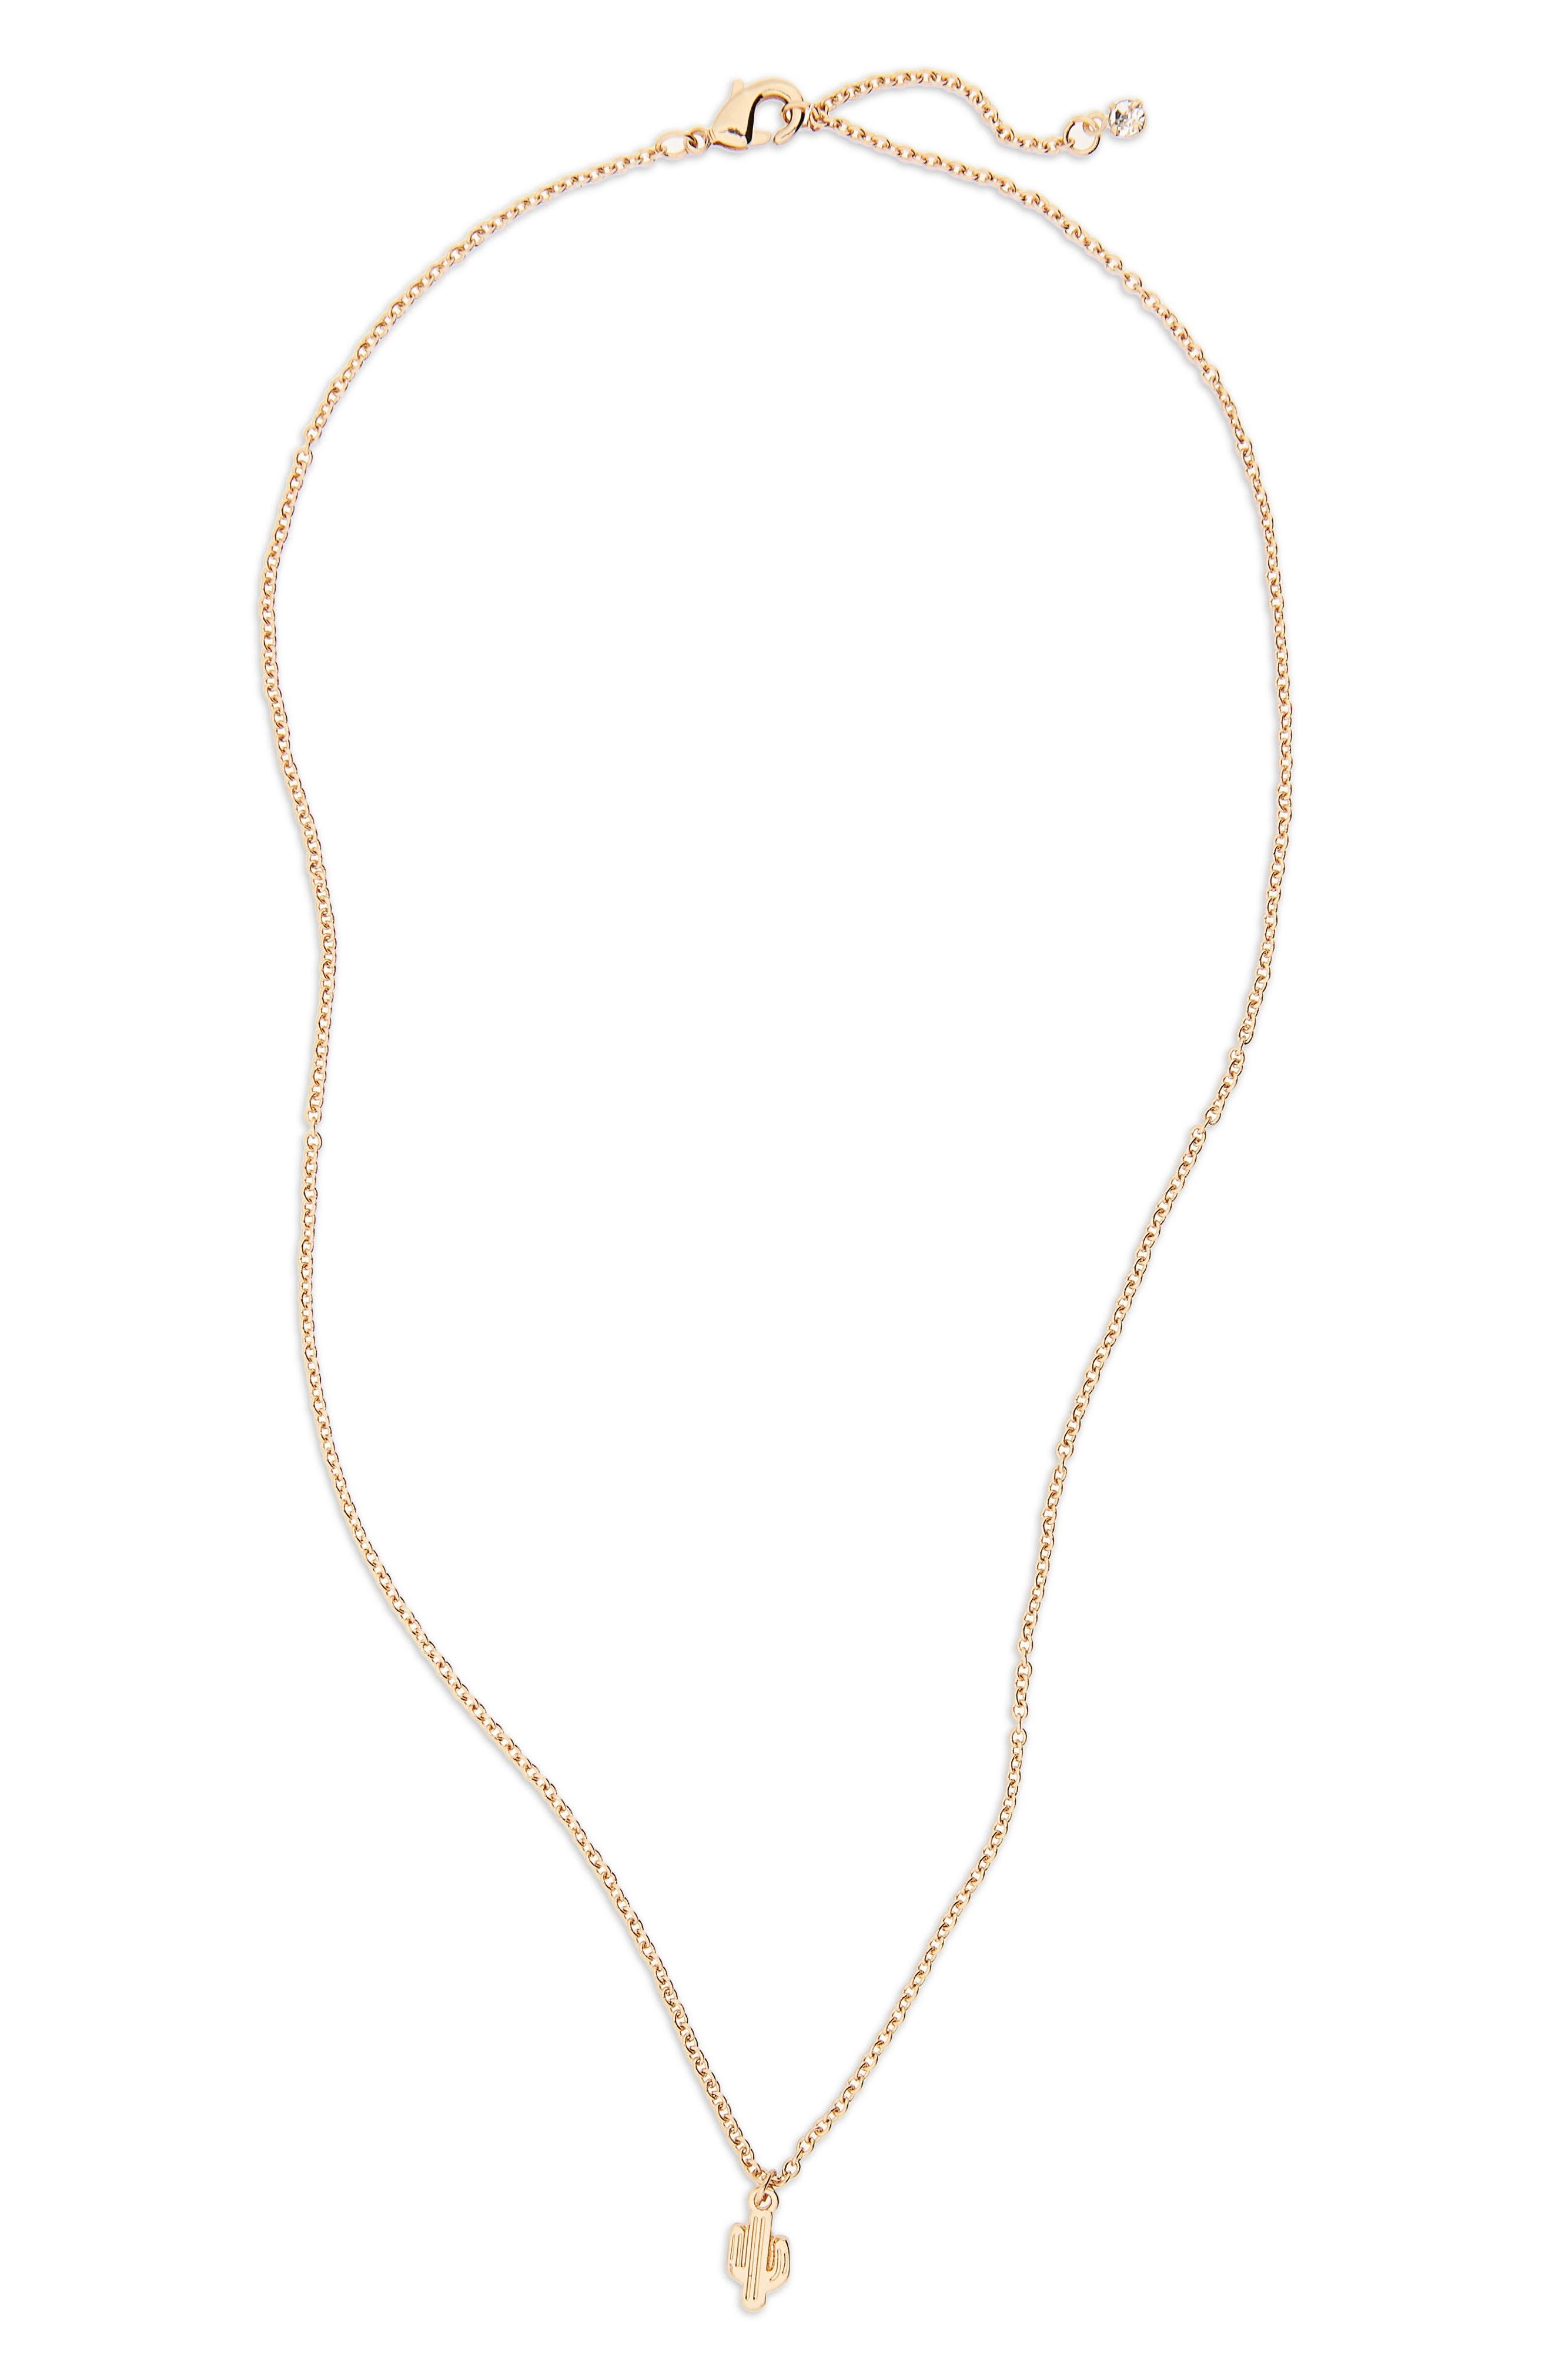 Cactus Dainty Pendant Necklace,                             Main thumbnail 1, color,